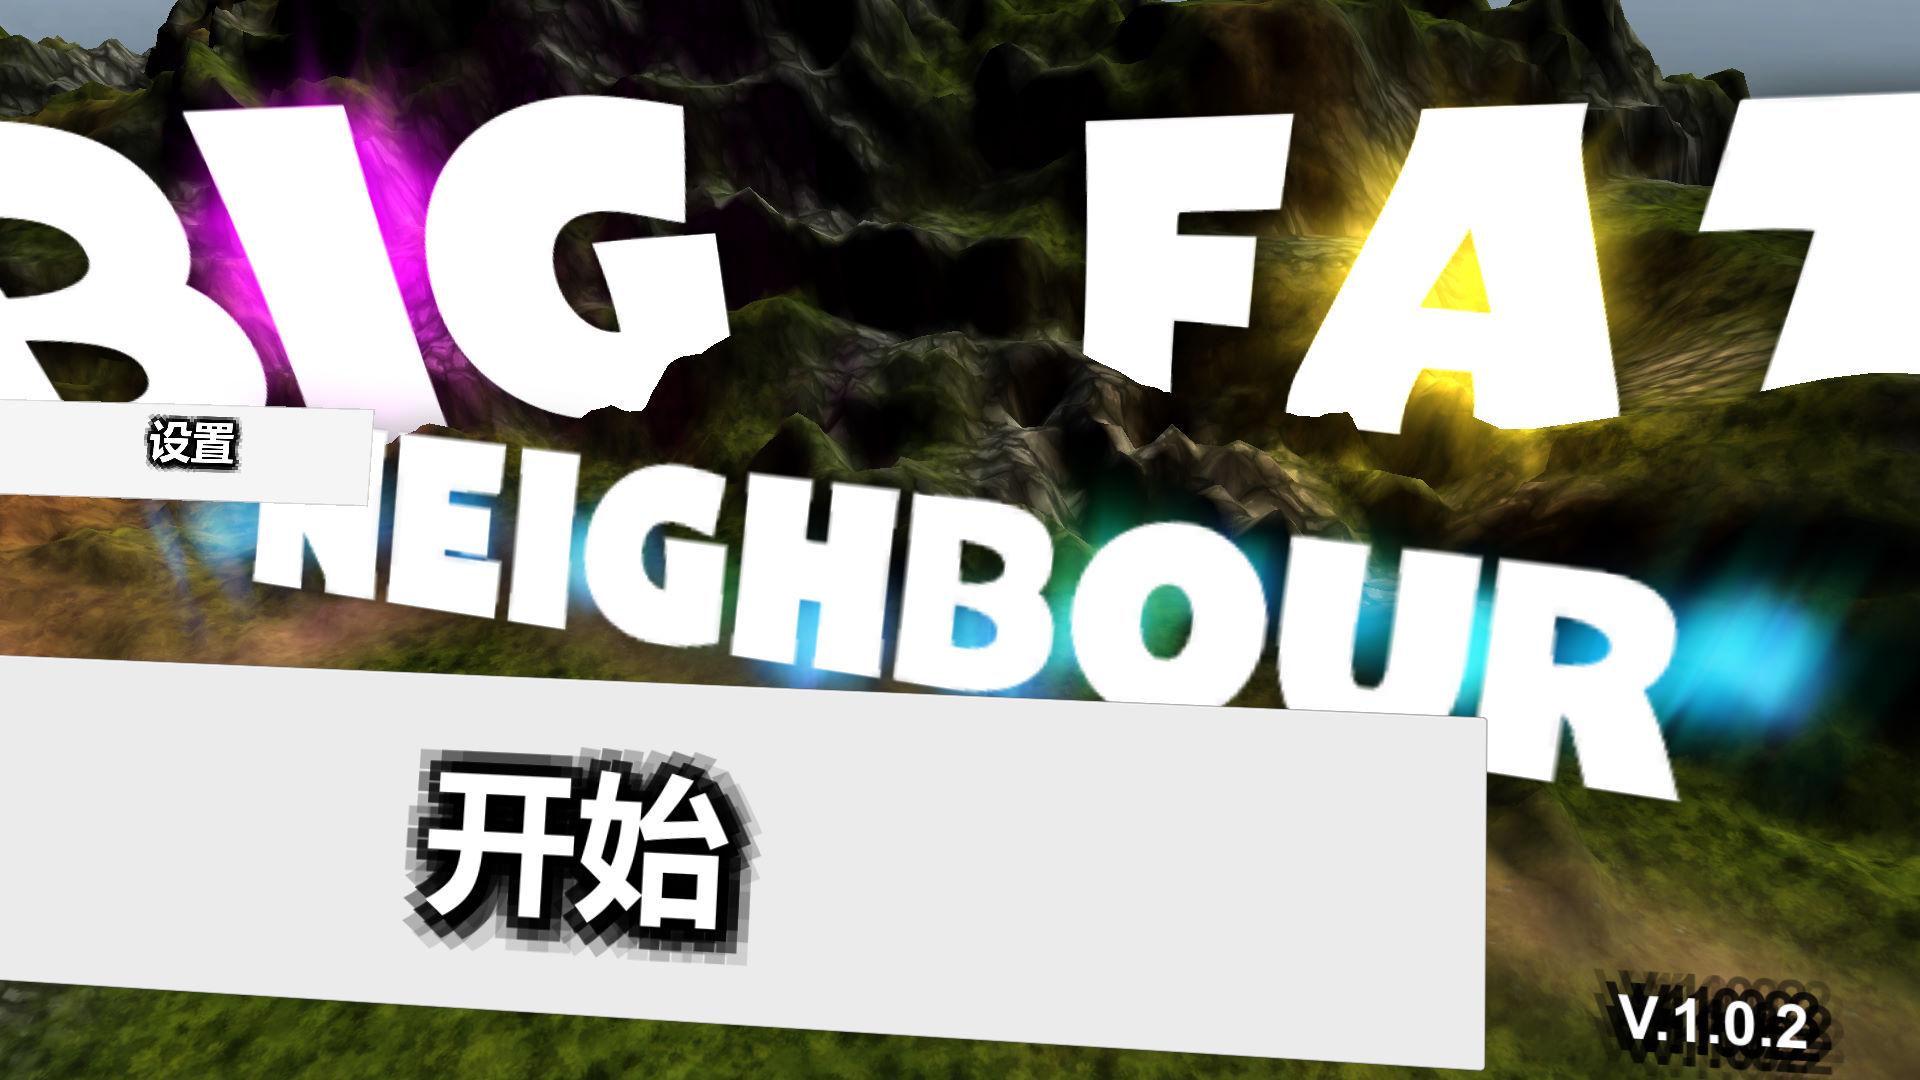 大胖邻居 中文截图